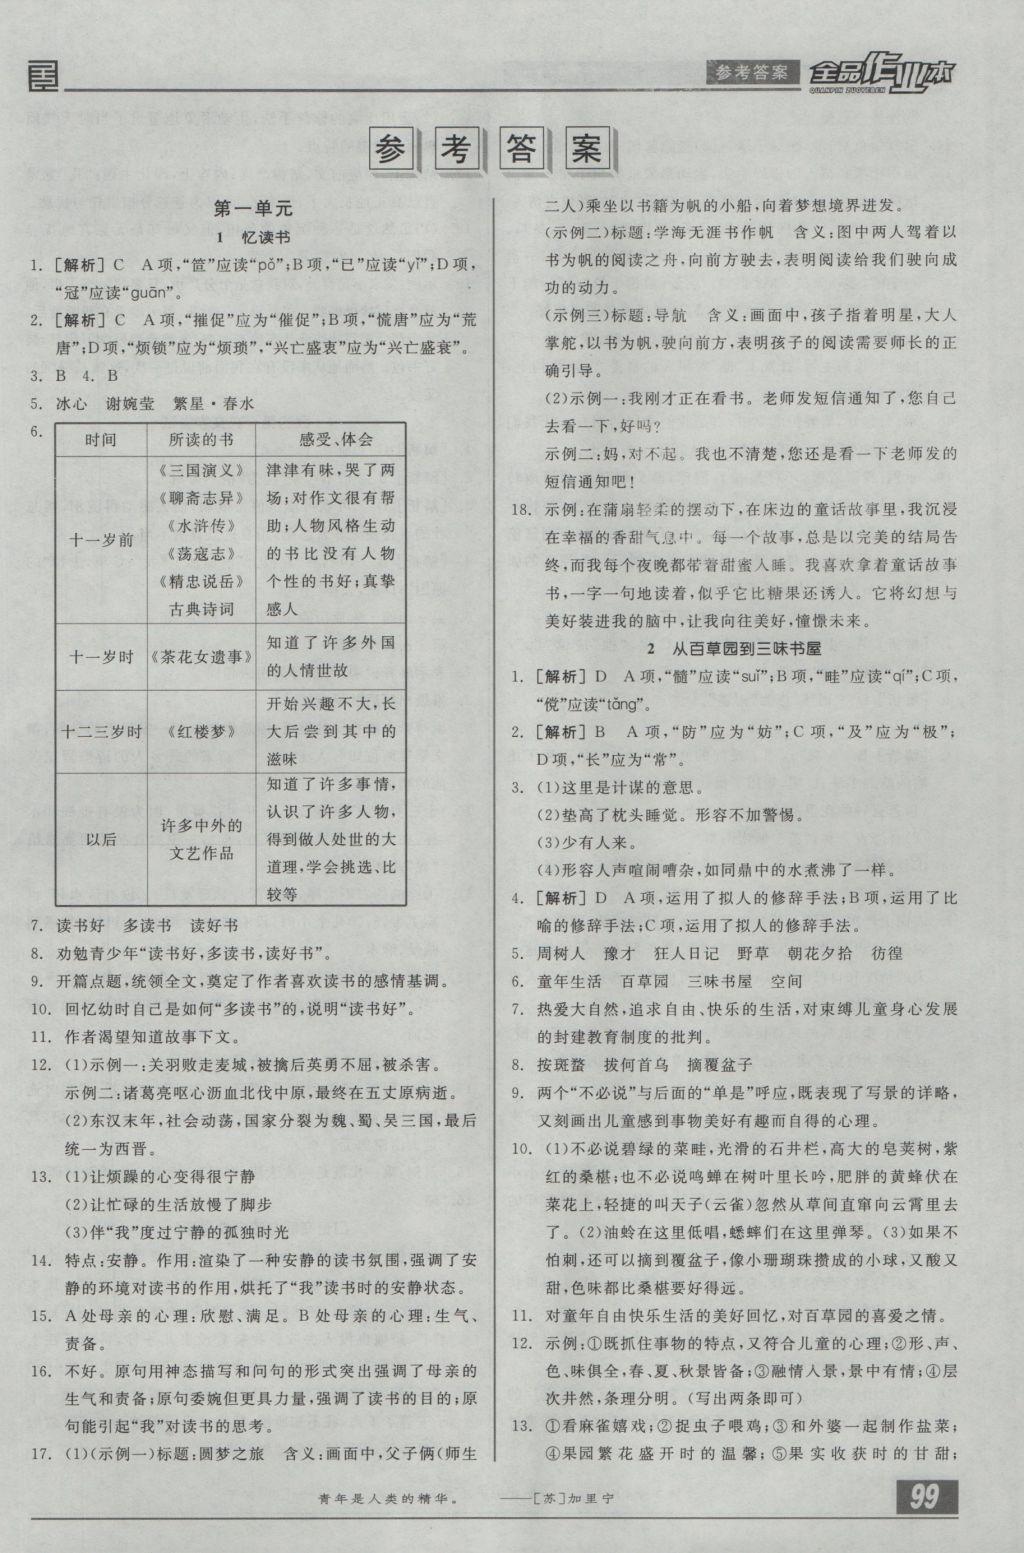 2016年全品作业本七年级语文上册语文版参考答案第1页